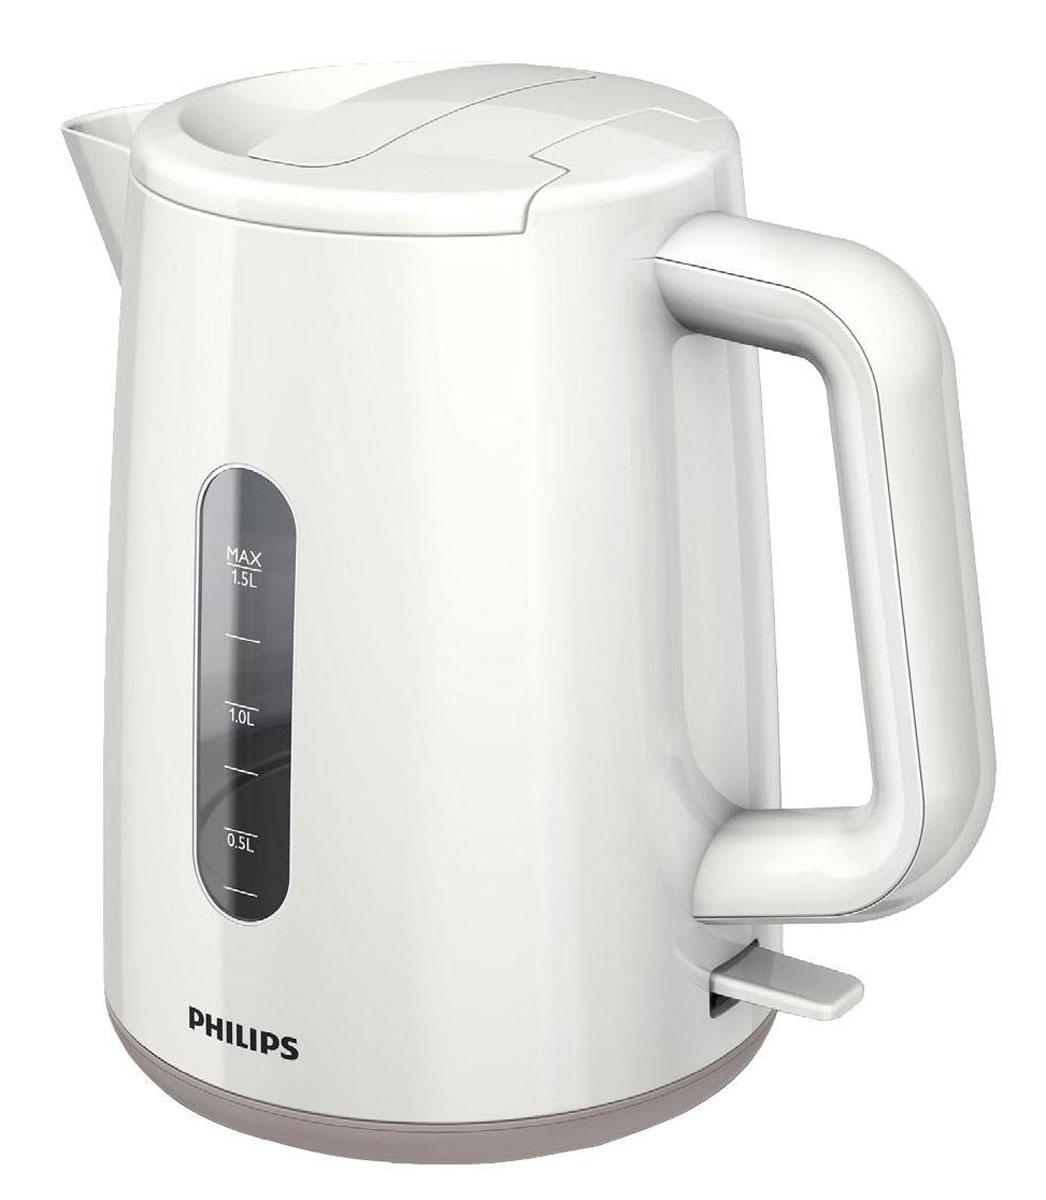 Philips HD9300/00 электрочайникHD9300/00Не правда ли, здорово за считаные секунды вскипятить воду и без лишних усилий очистить чайник? Плоский и удобный в очистке нагревательный элемент позволяет быстро вскипятить воду. Благодаря моющемуся фильтру от накипи вода становится чистой, а напитки - без частиц известкового осадка. Удобное наполнение через носик/крышку Наполнить чайник можно через носик или открыв крышку. Широко открывающаяся откидная крышка для удобства наполнения и чистки чайника Широко открывающаяся откидная крышка для удобства наполнения и чистки чайника исключает контакт с паром. Индикаторы уровня воды с двух сторон чайника Индикаторы уровня воды по обеим сторонам электрического чайника Philips будут удобны и для правшей, и для левшей. Катушка для удобного хранения шнура Шнур оборачивается вокруг основания, что позволяет легко разместить чайник на кухне. Беспроводная подставка с поворотом на 360° для удобства использования. Фильтр для защиты от накипи Фильтр для защиты от накипи обеспечивает чистоту воды и чайника. Плоский нагревательный элемент для быстрого кипячения воды и легкой чистки Встроенный нагревательный элемент из нержавеющей стали обеспечивает быстрое кипячение и простую чистку. Комплексная система безопасности Комплексная система безопасности для предотвращения короткого замыкания и выкипания воды. Функция автовыключения активируется, когда процесс завершается или прибор снимается с основания.